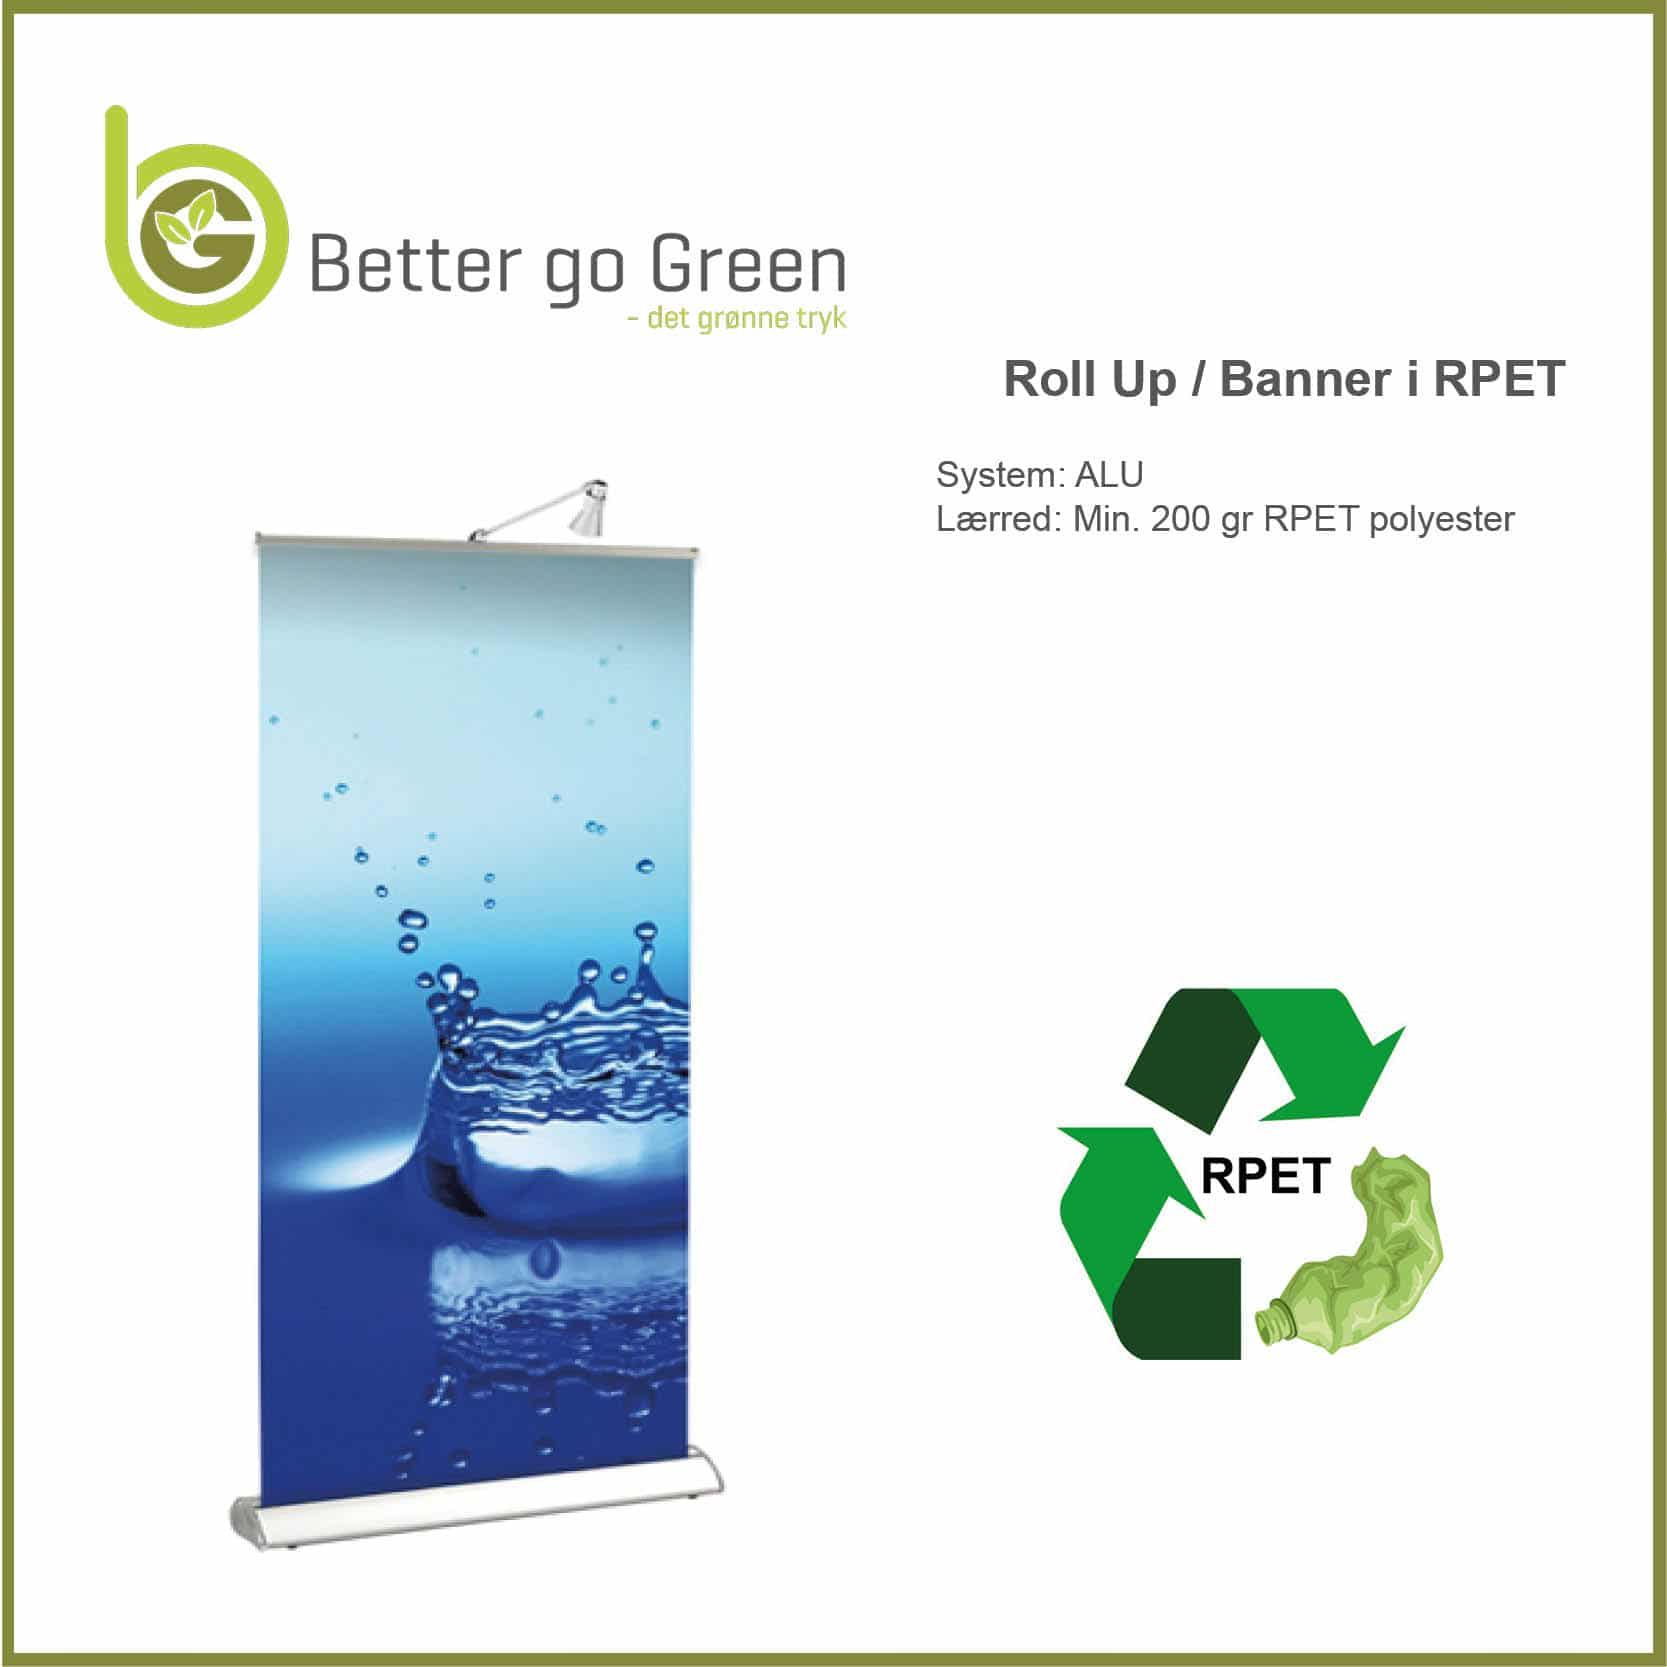 Roll Up med banner af RPET, genanvendt plast, BetterGoGreen.dk